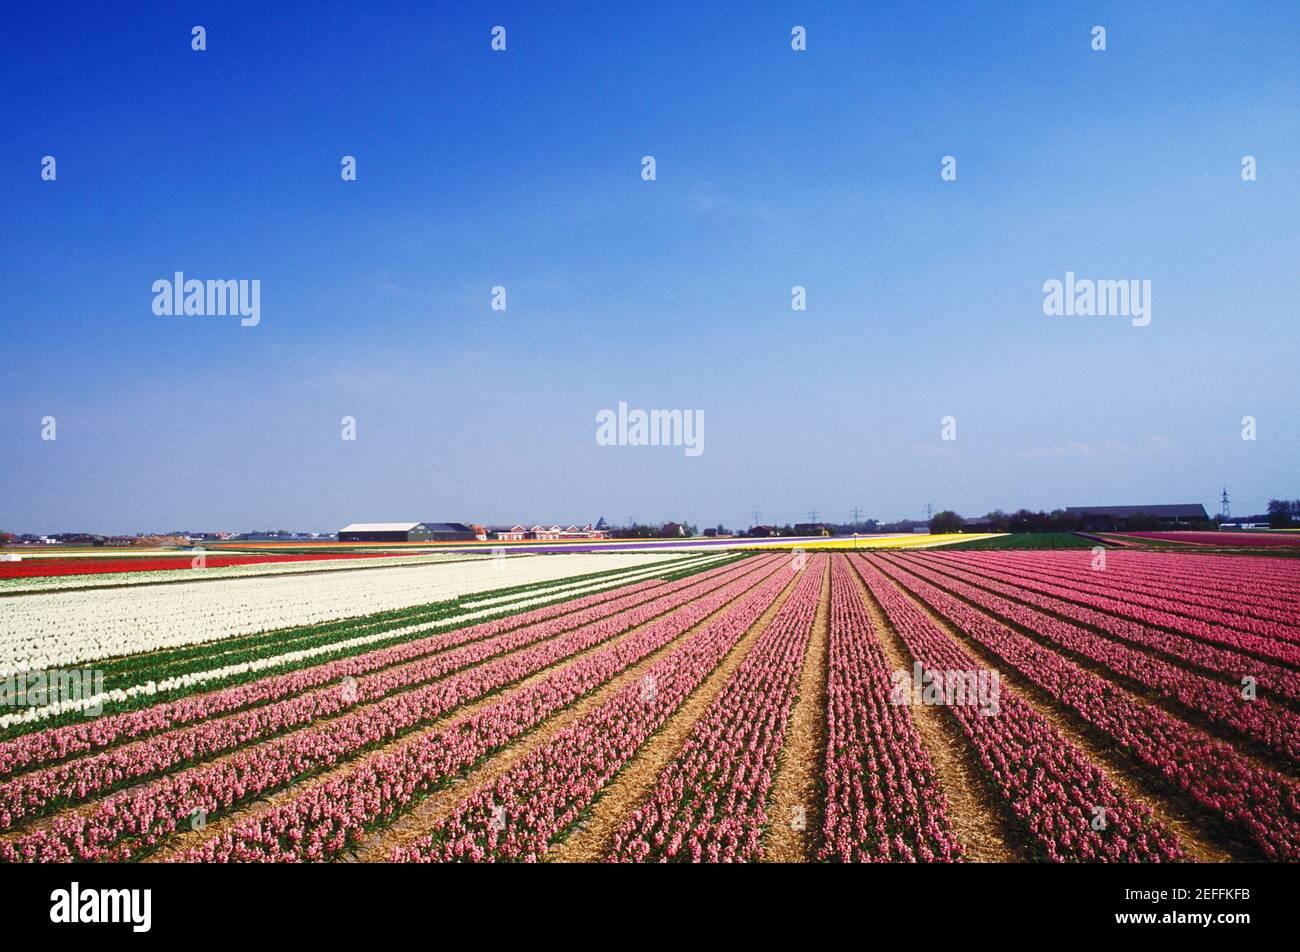 Vista panoramica dei fiori in un campo, Amsterdam, Paesi Bassi Foto Stock